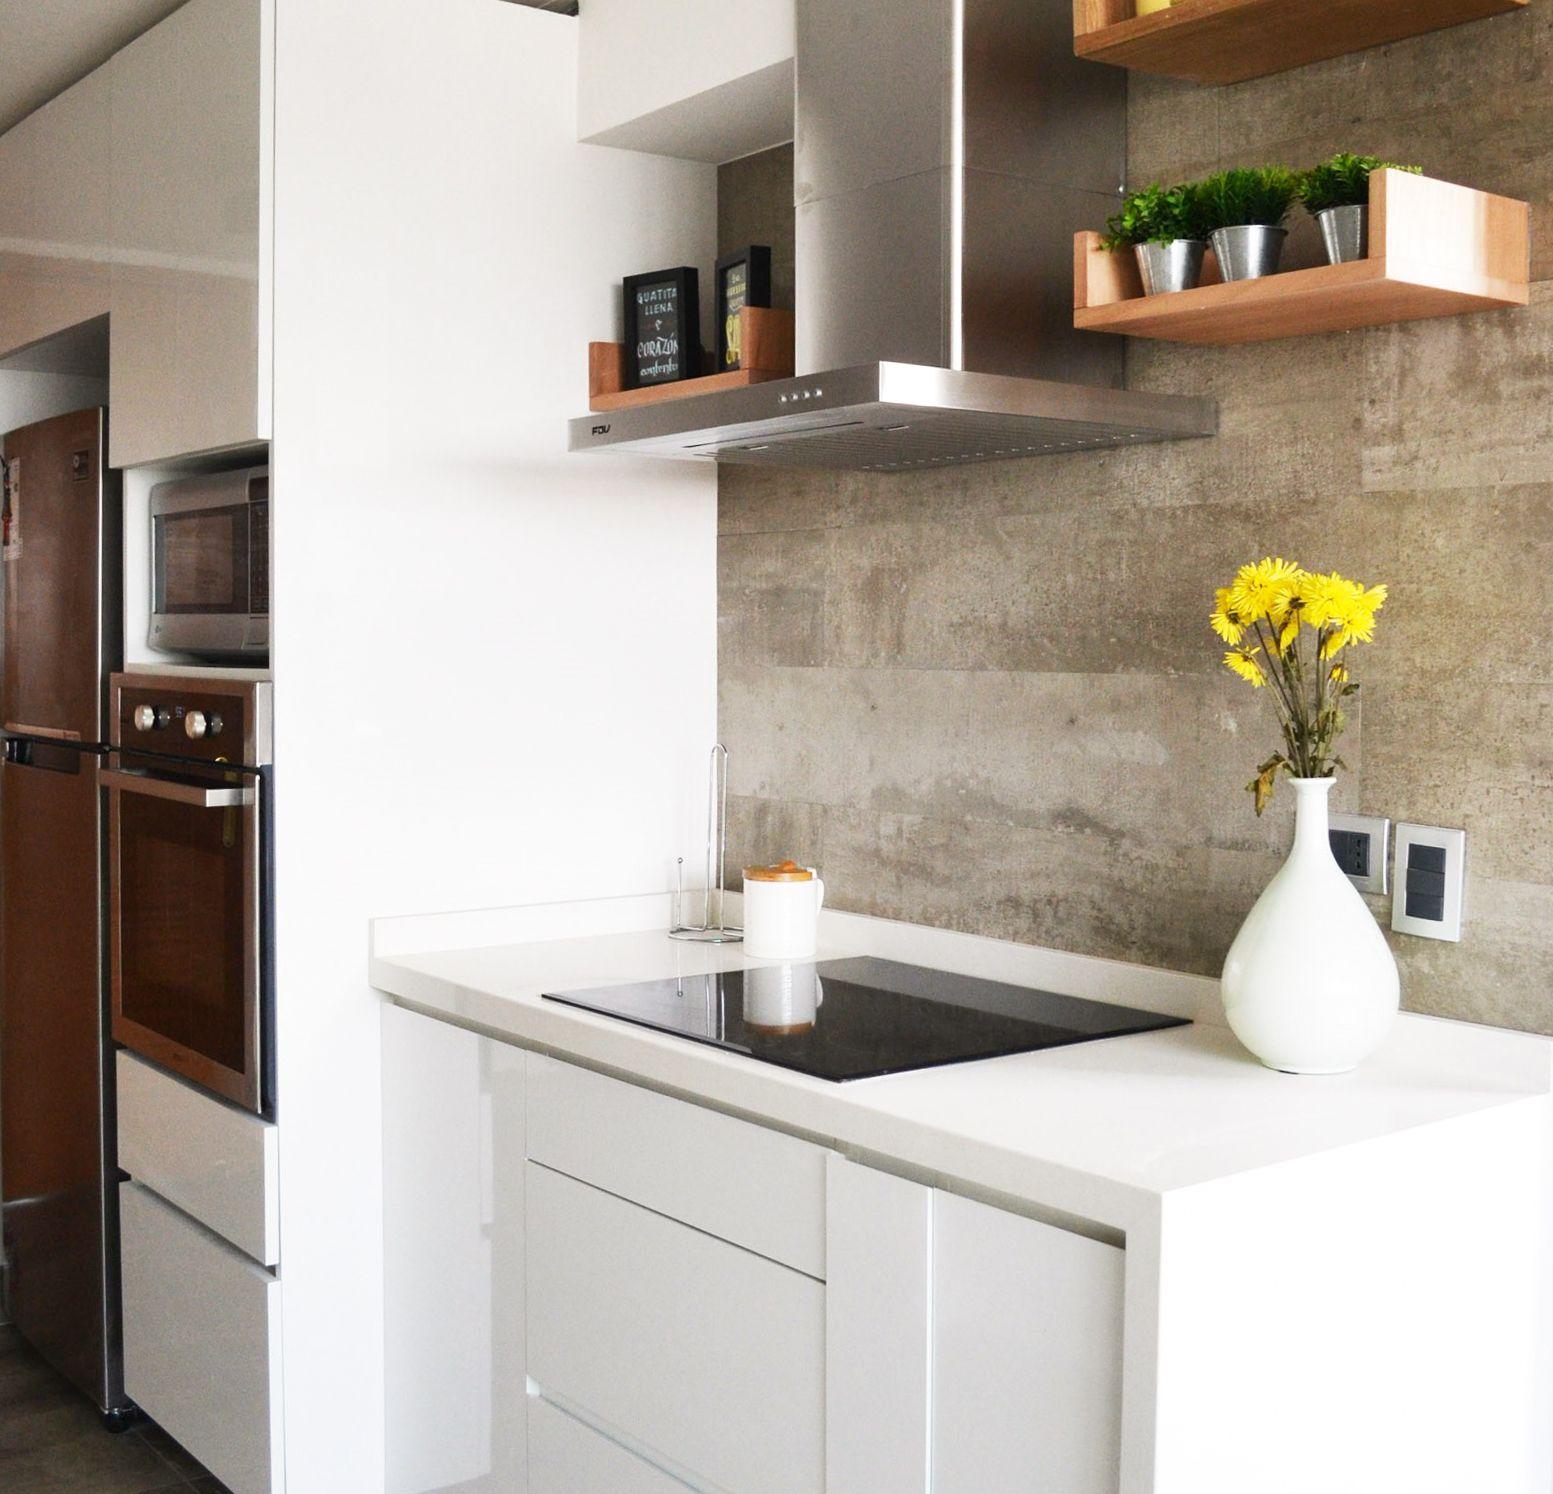 Cocina Blanca Y Salpicadero De Porcelanato Tipo Hormigon Por Estudio Perimetro Salpicadero Cocina Cocinas Enchapadas Cocinas De Casa